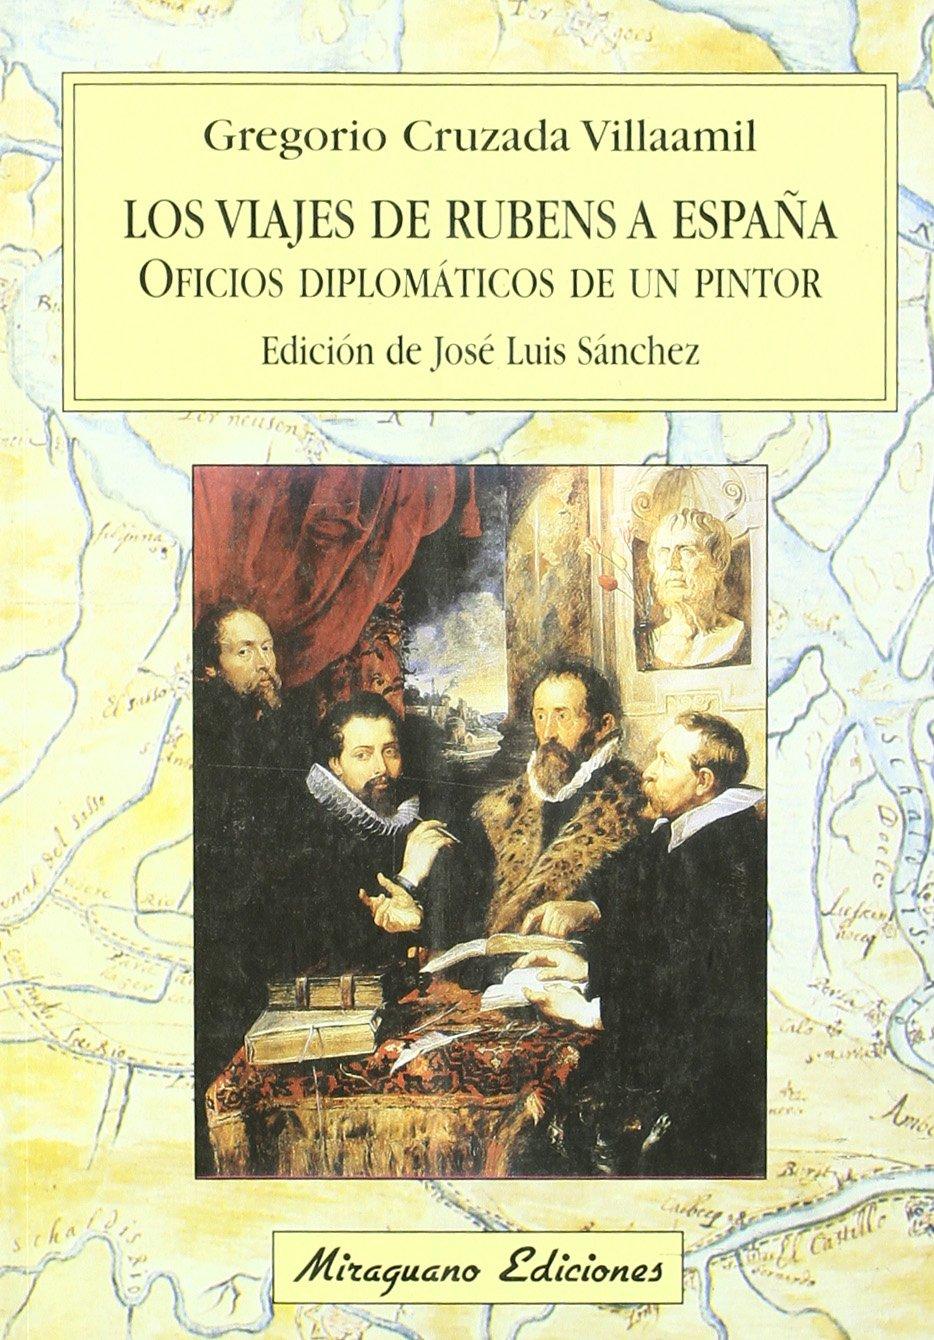 Los Viajes de Rubens a España. Oficios diplomáticos de un pintor Viajes y Costumbres: Amazon.es: Cruzada Villaamil, Gregorio: Libros